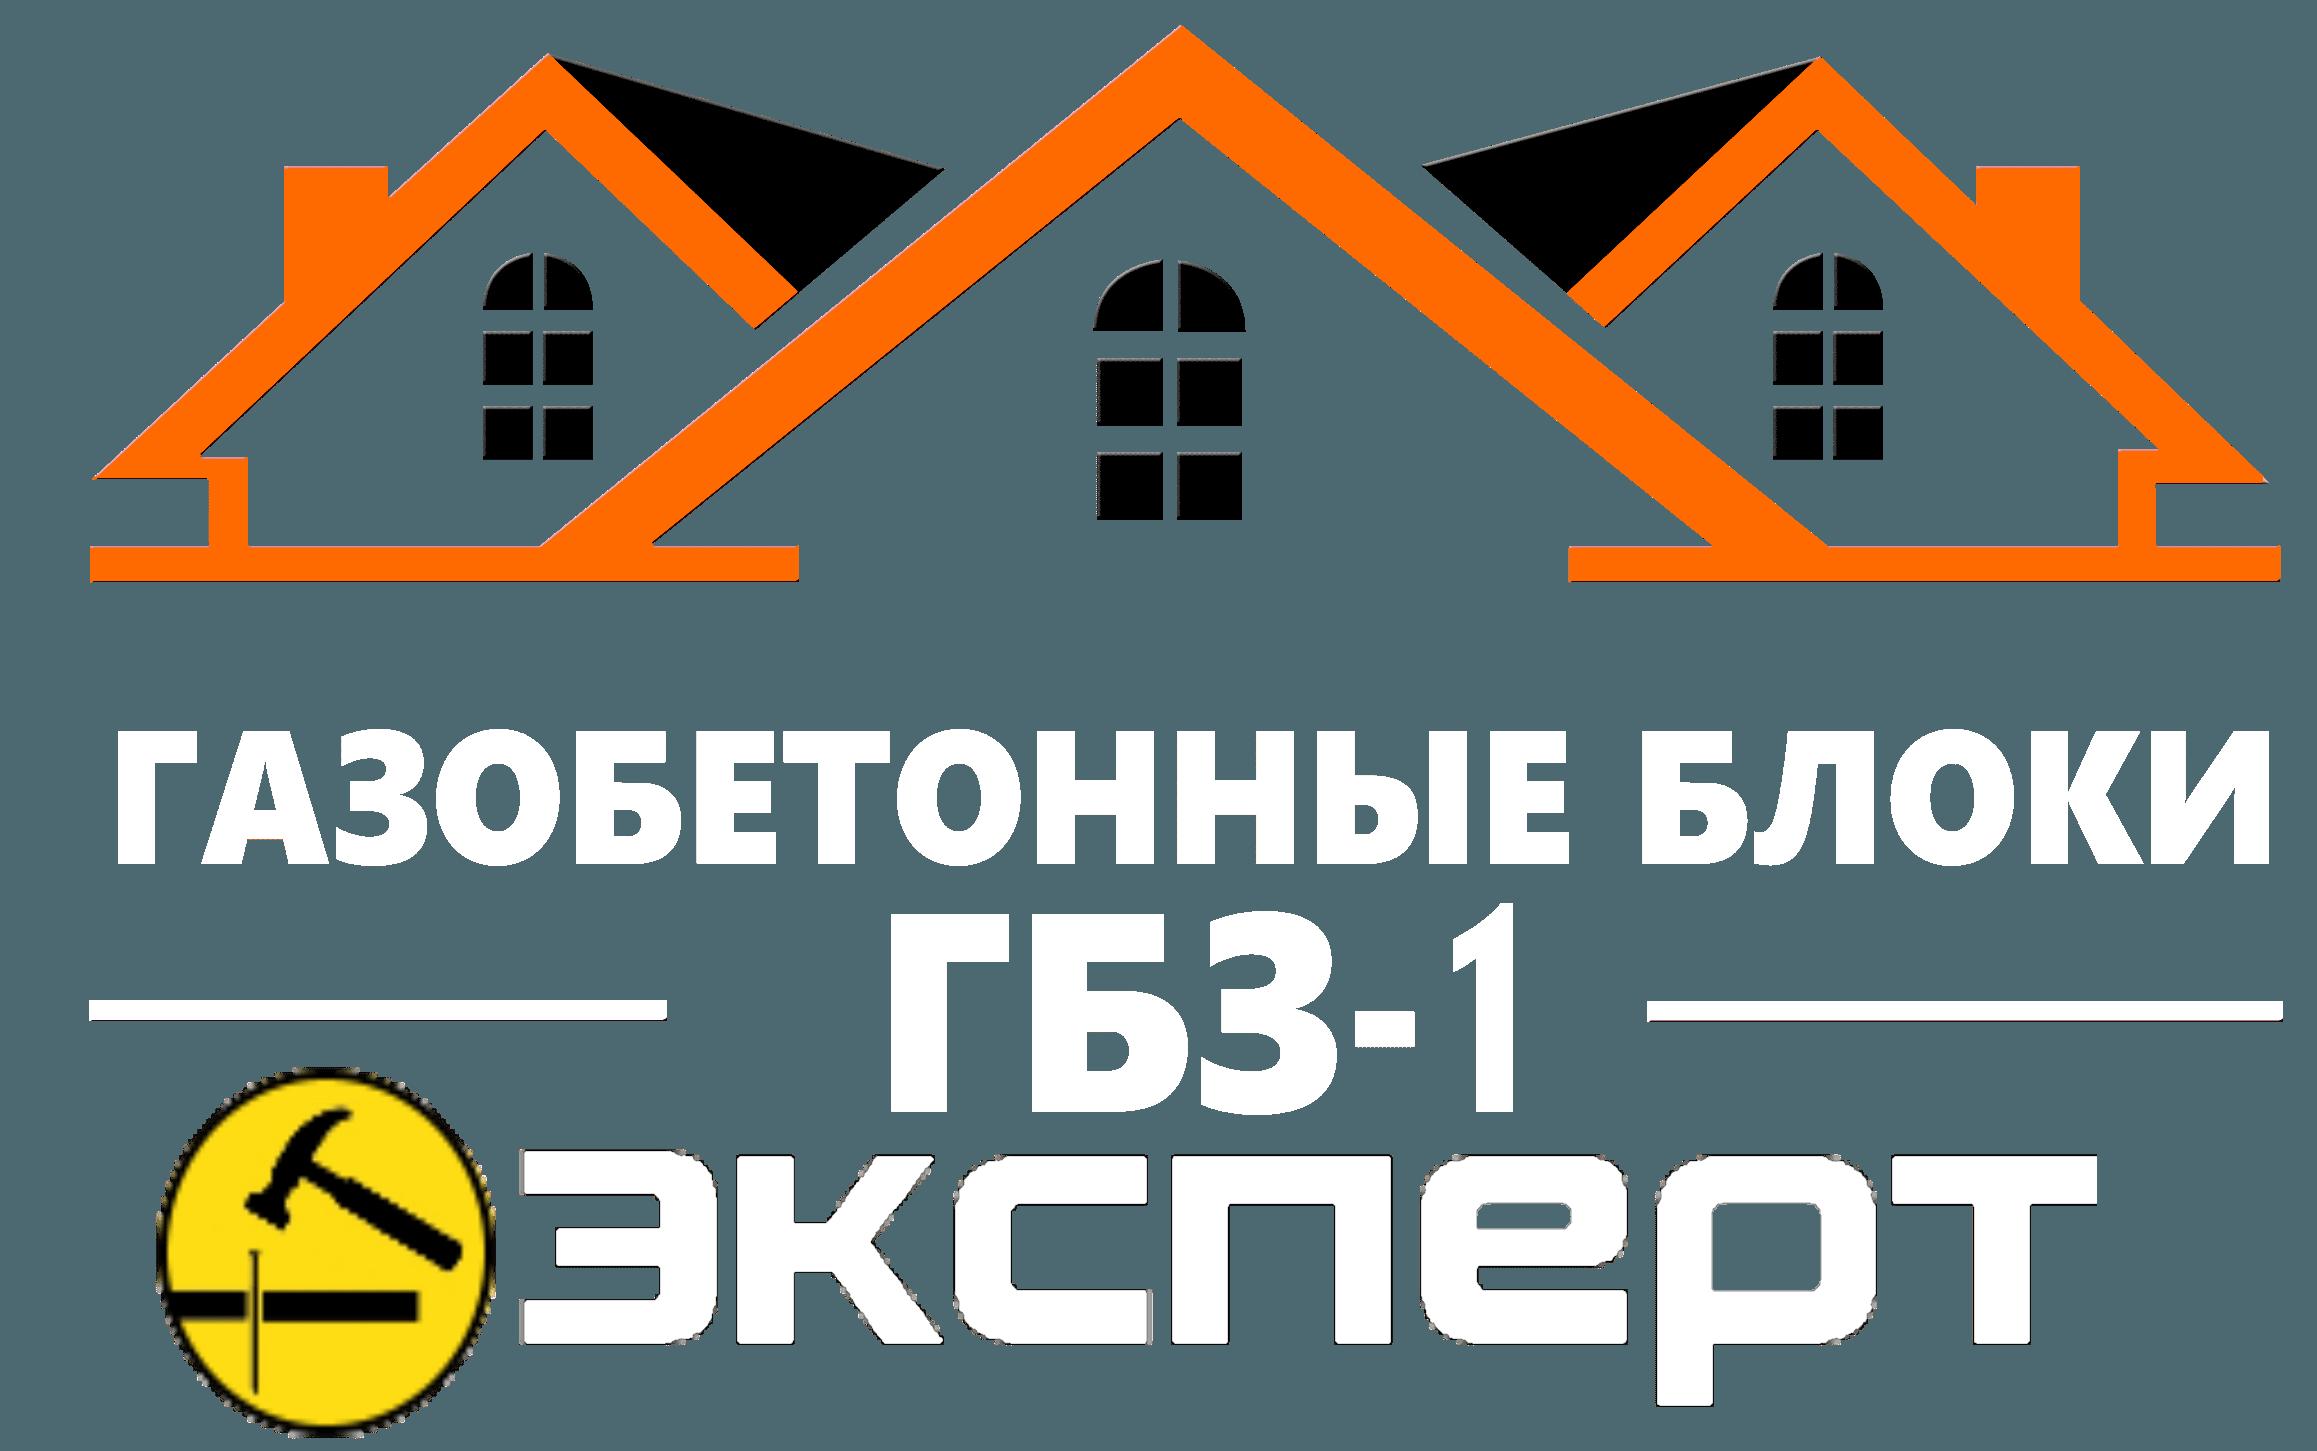 лого 2 1